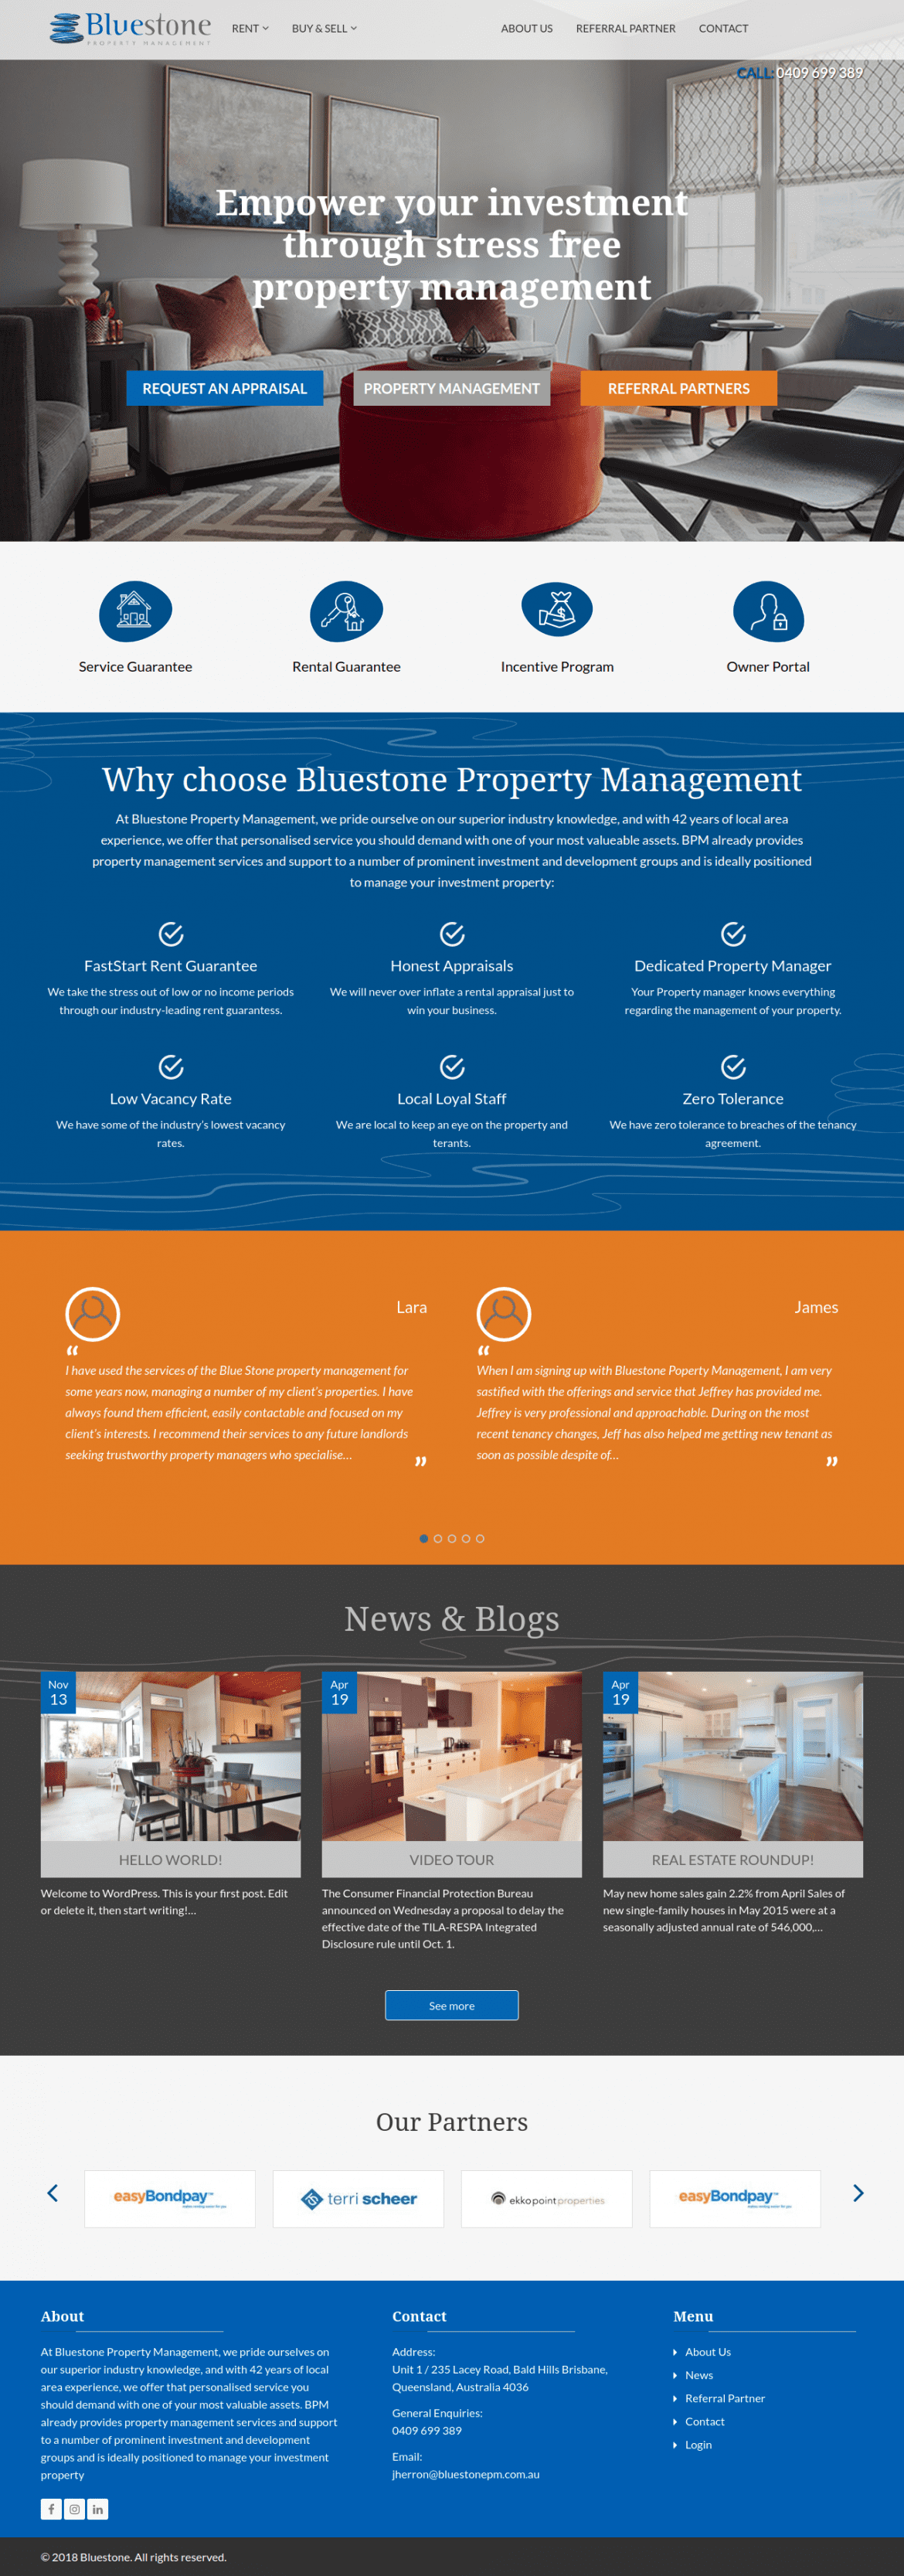 Bluestone home page